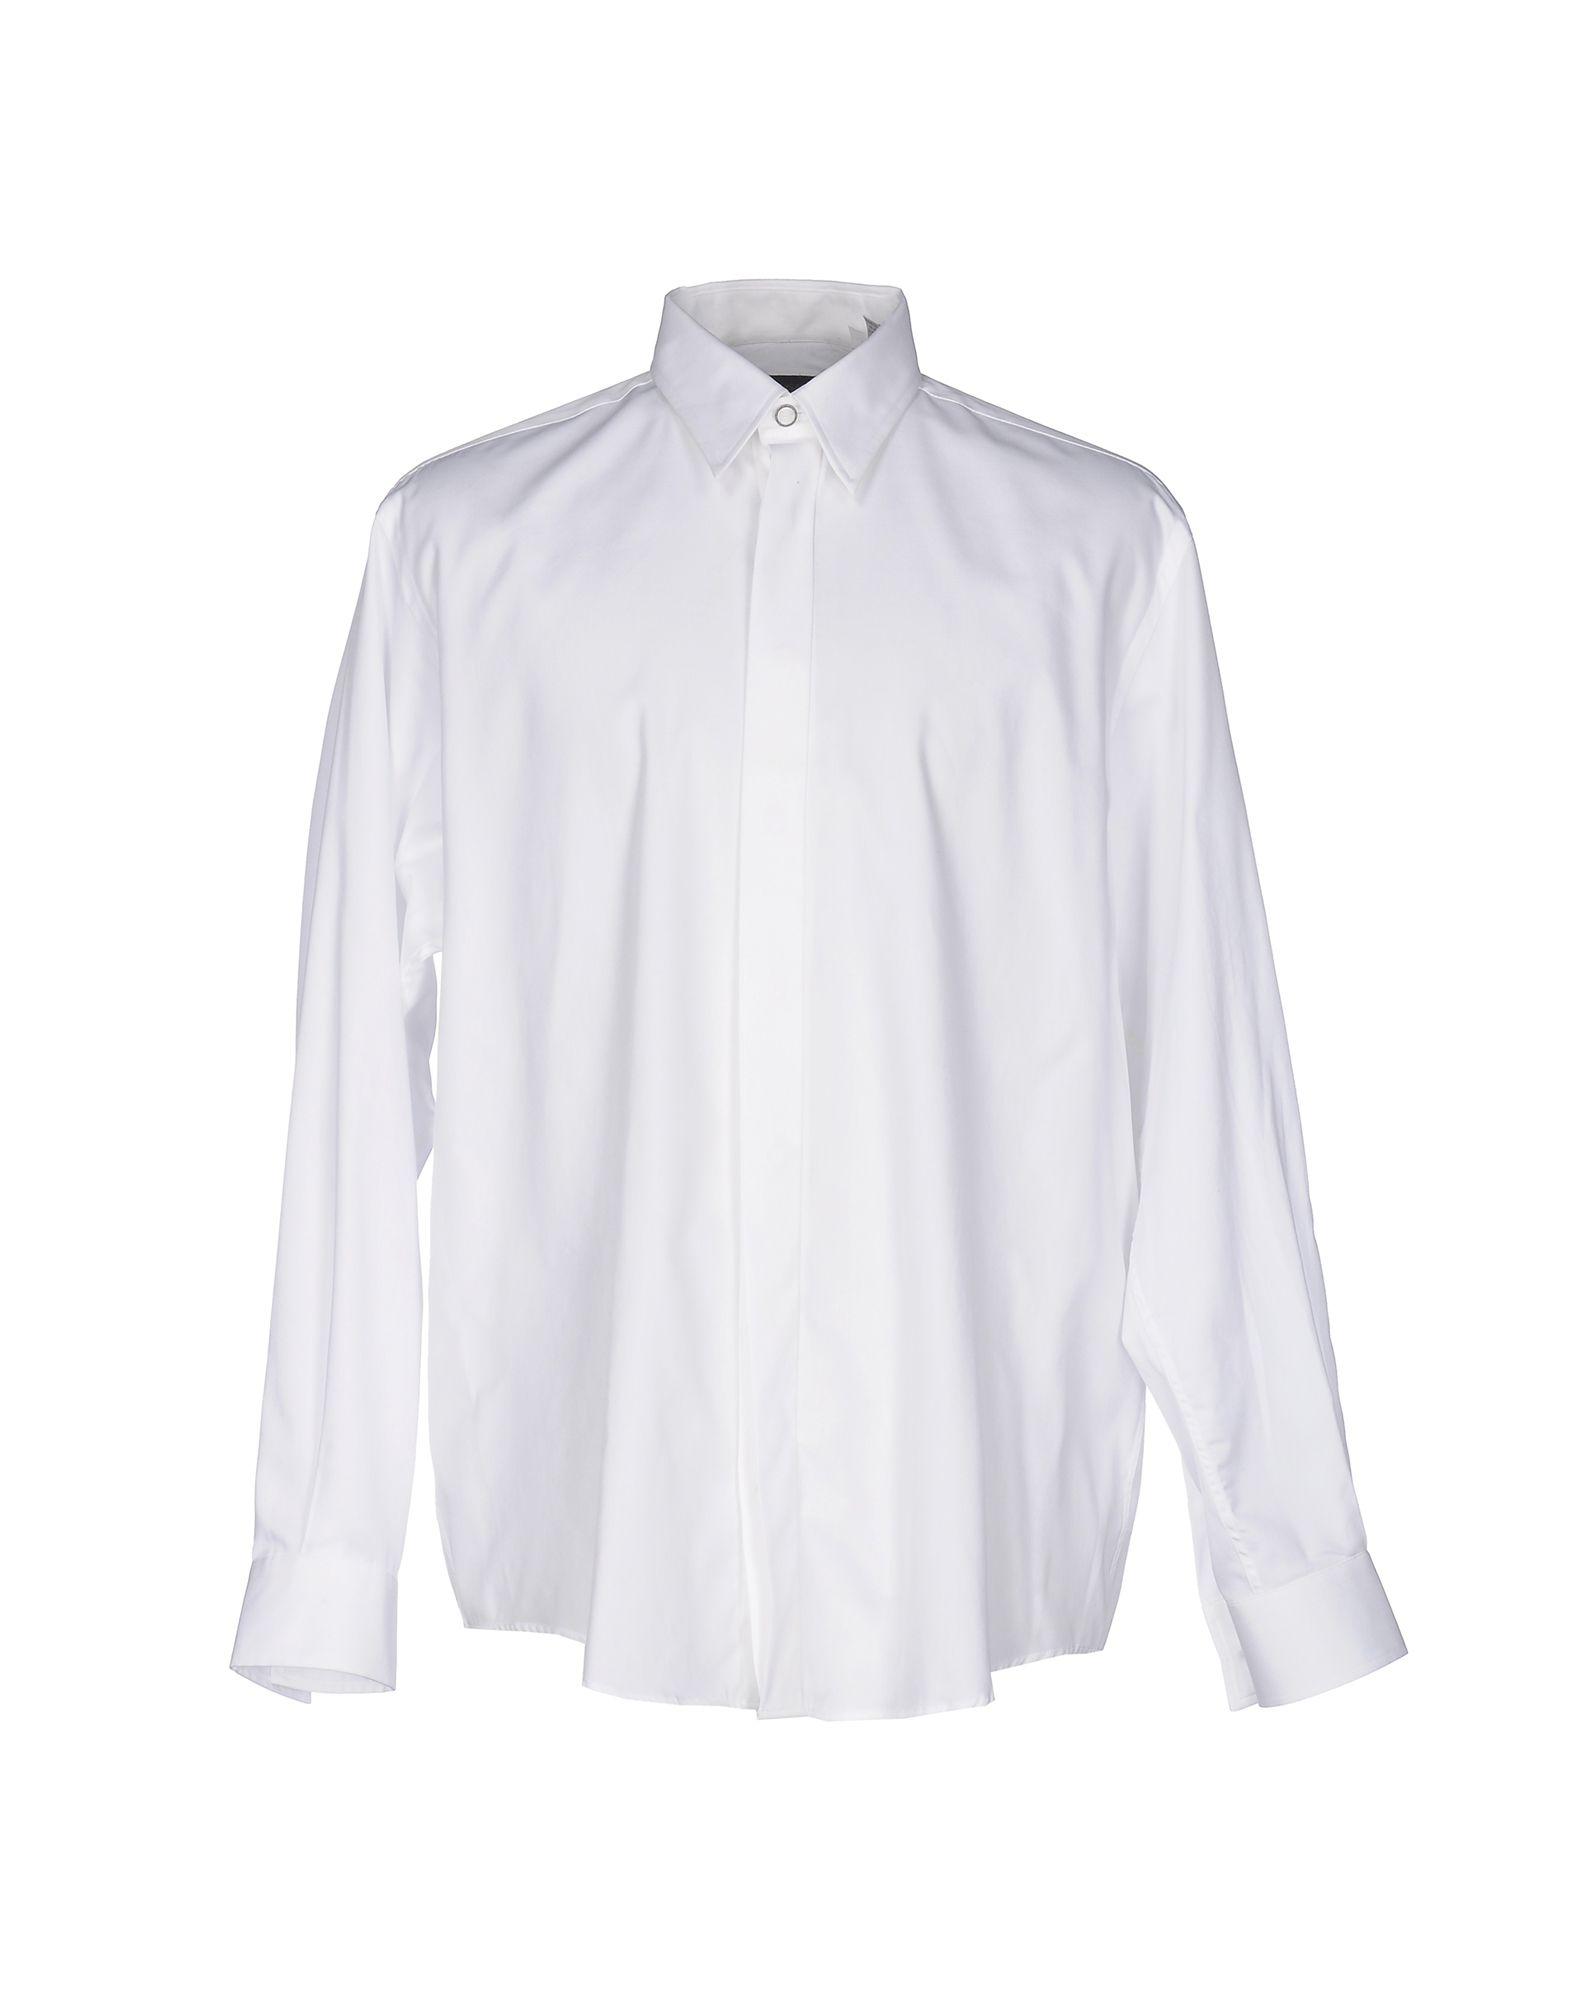 VERSACE CLASSIC V2 Shirts